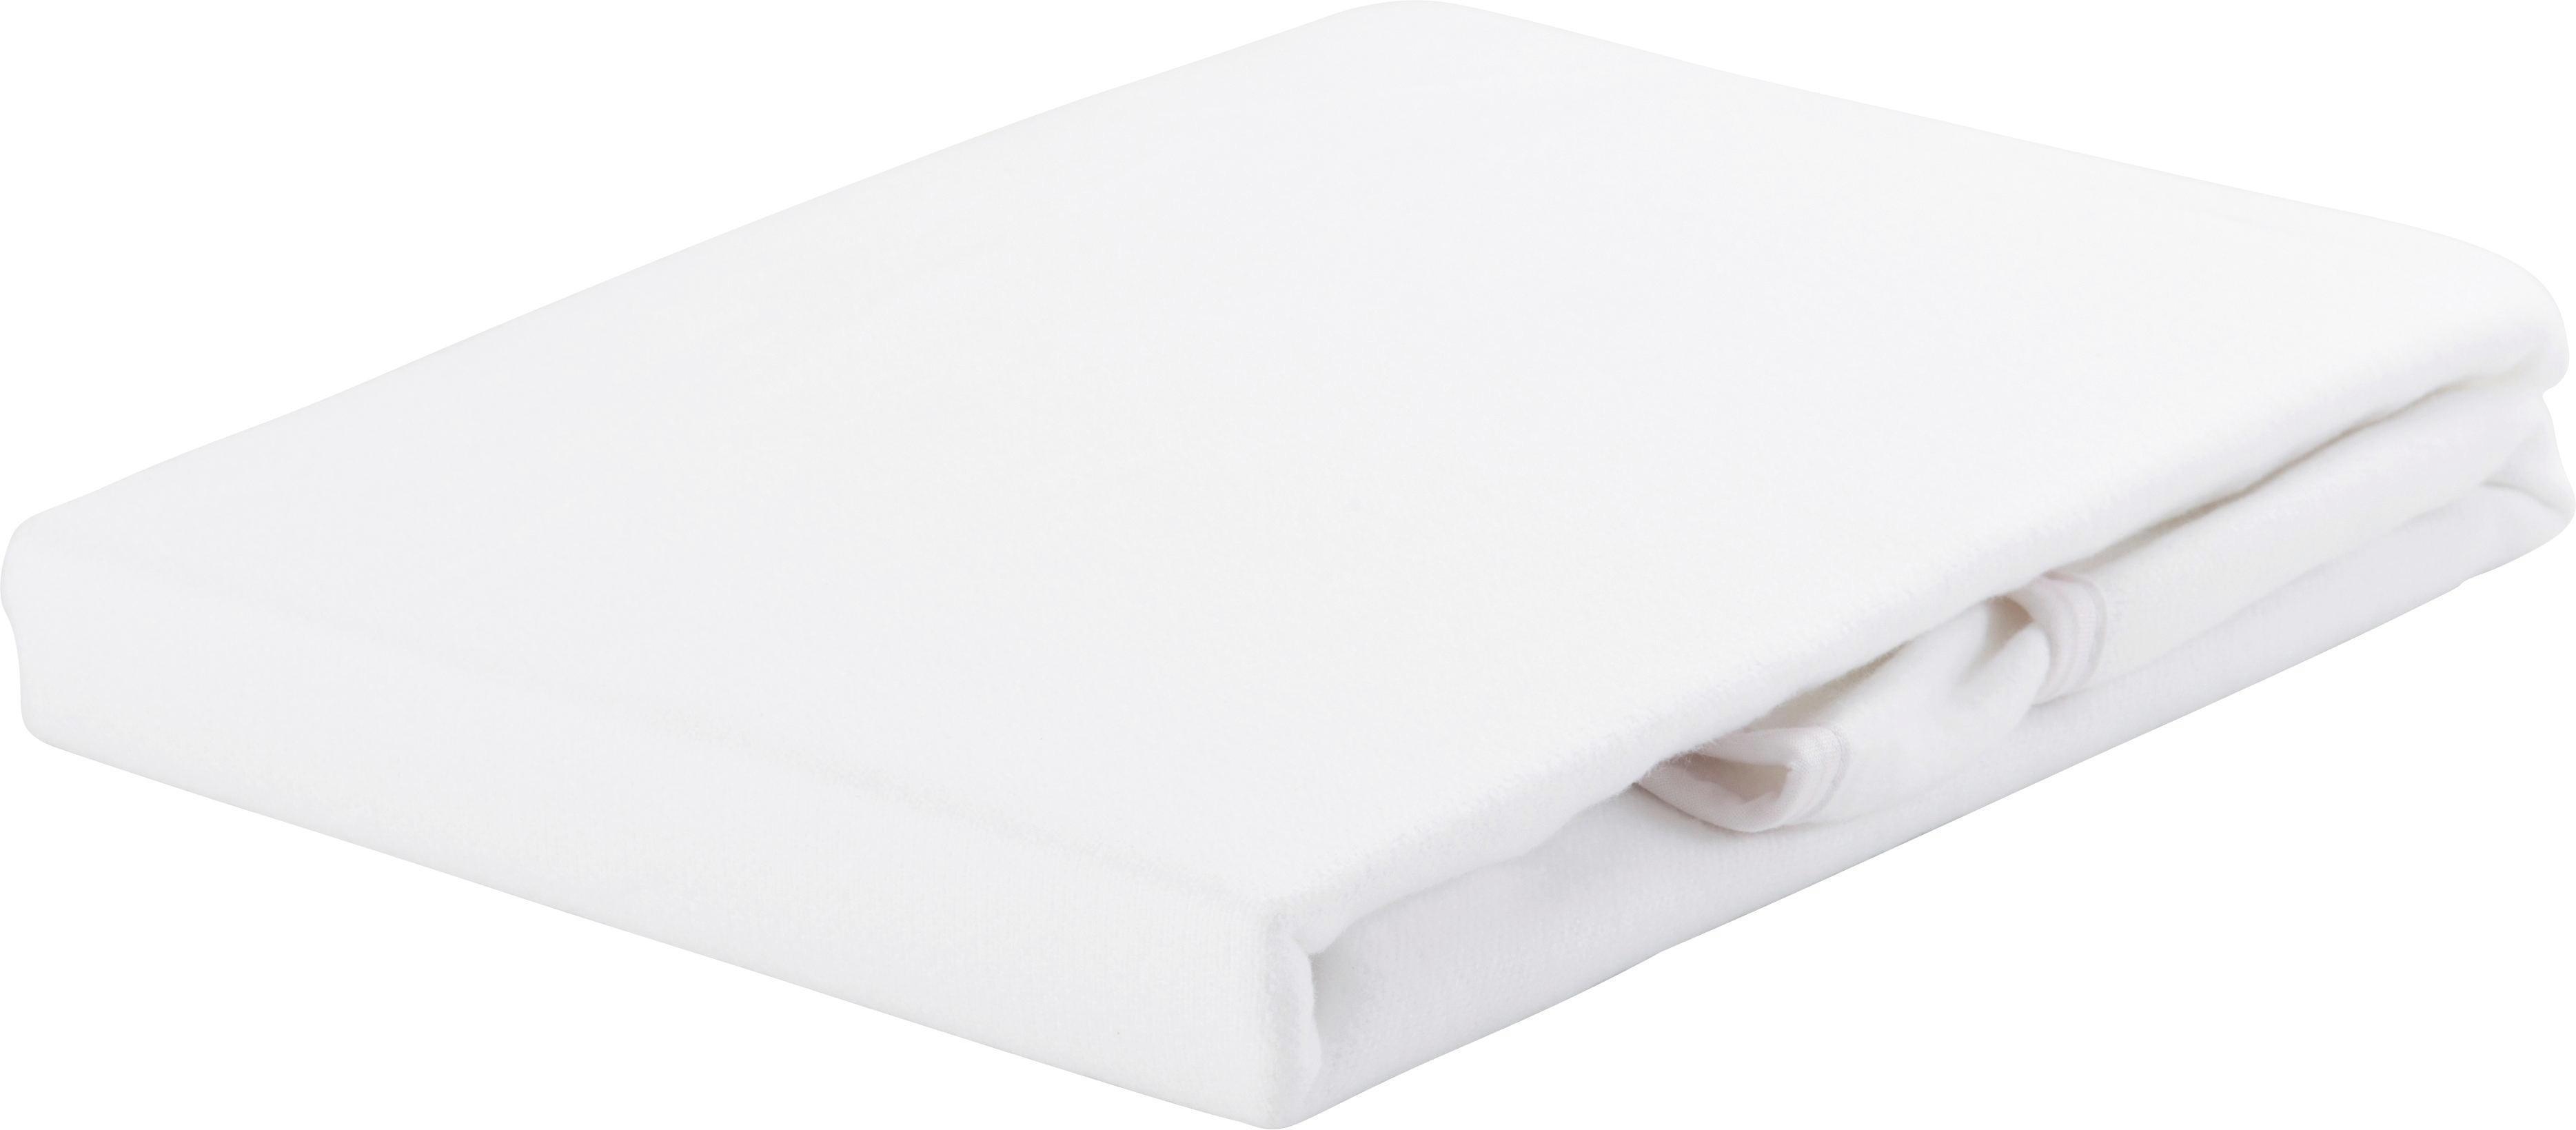 Matratzenschoner Matratzenauflagen Matratzenschutz Xxxlutz